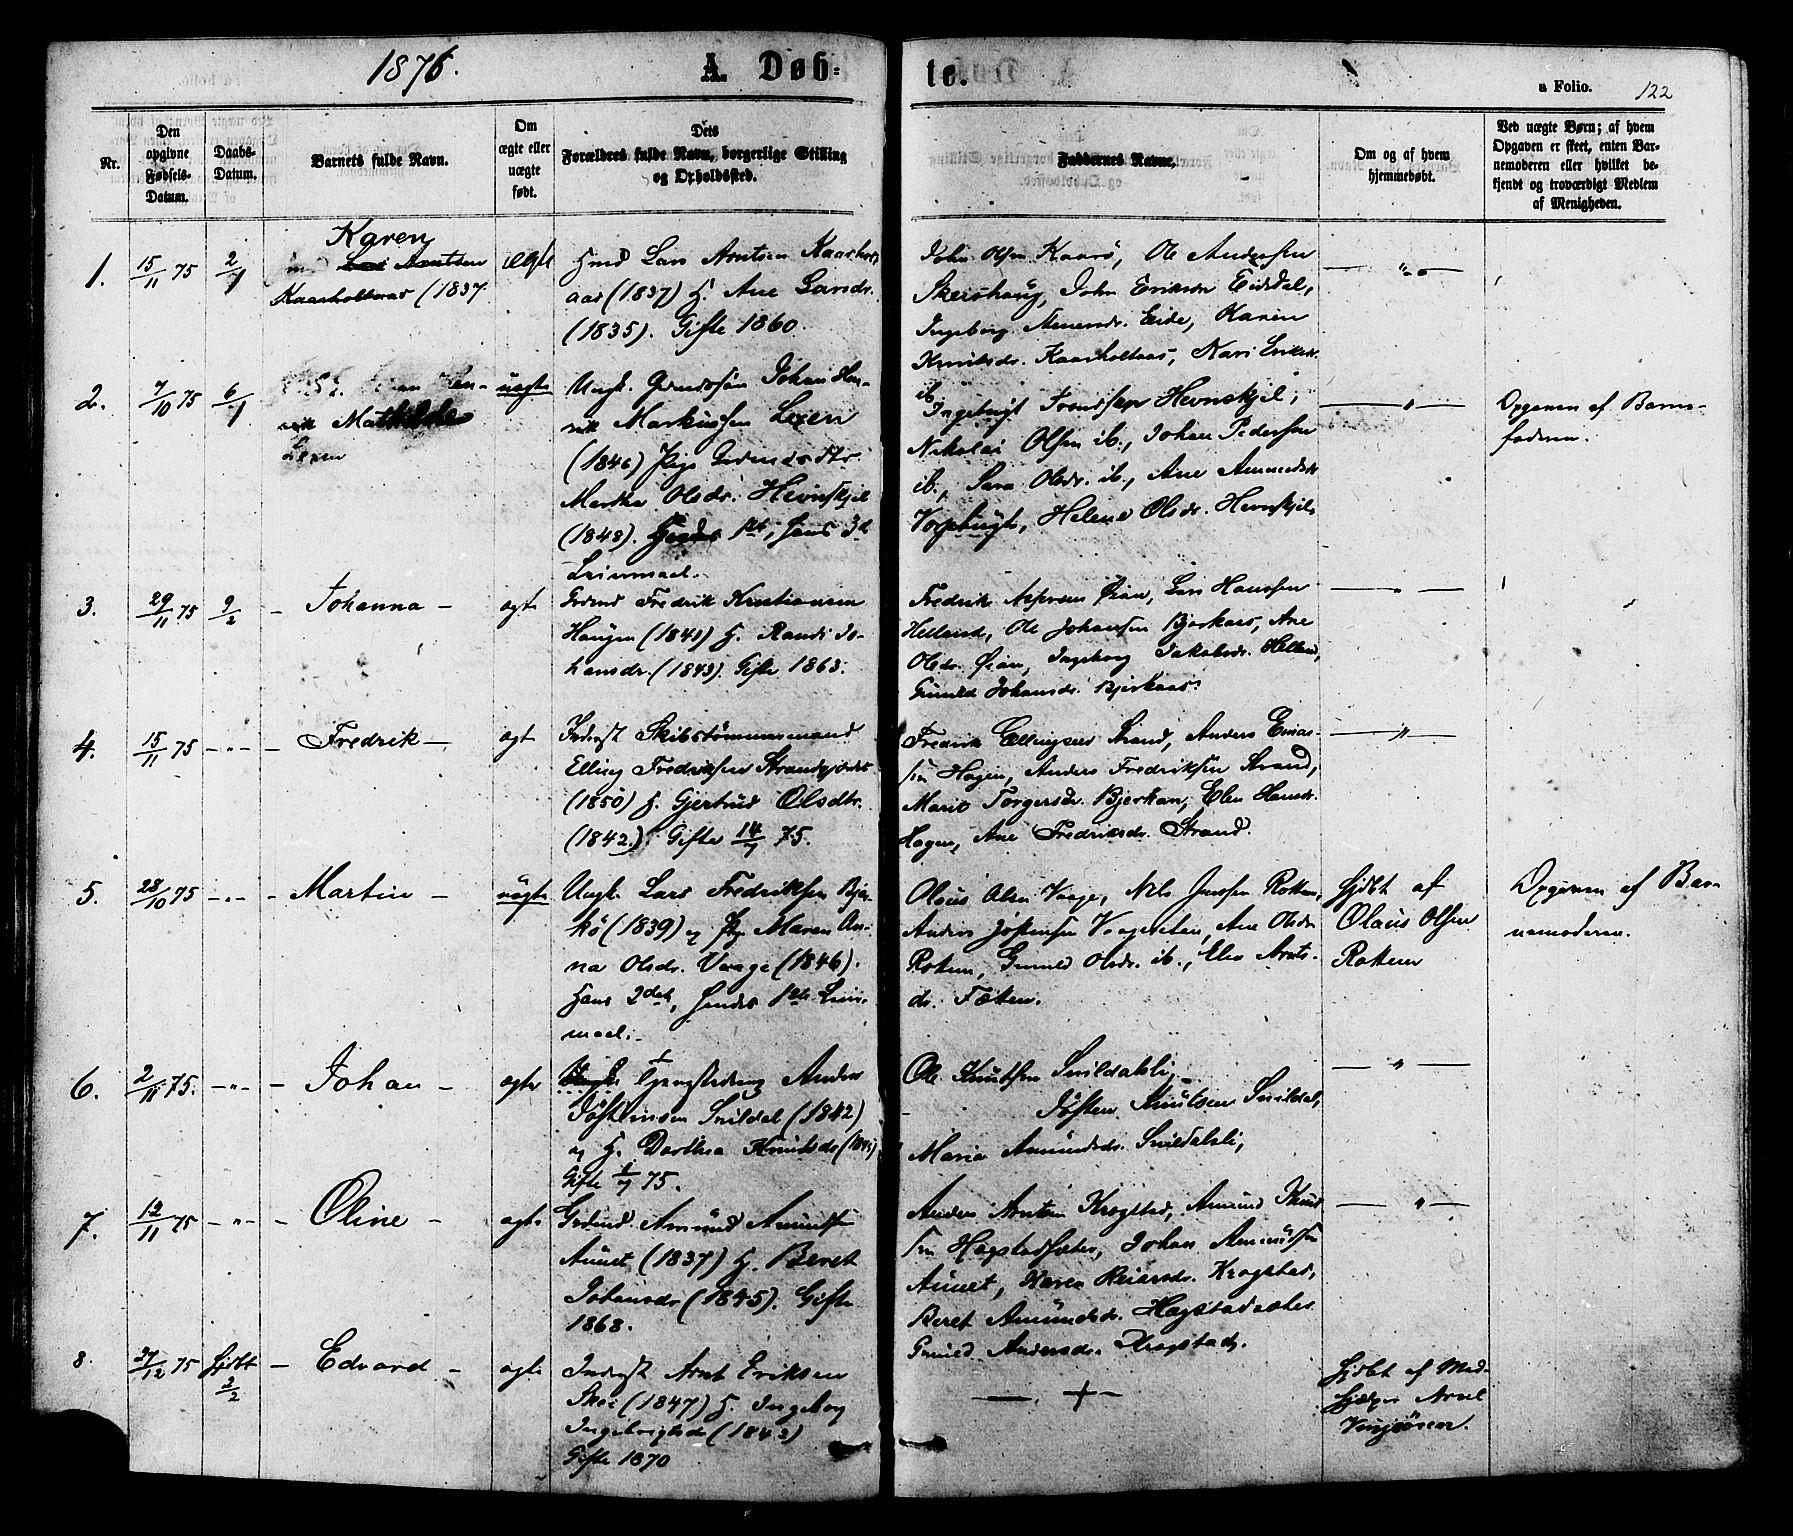 SAT, Ministerialprotokoller, klokkerbøker og fødselsregistre - Sør-Trøndelag, 630/L0495: Ministerialbok nr. 630A08, 1868-1878, s. 122